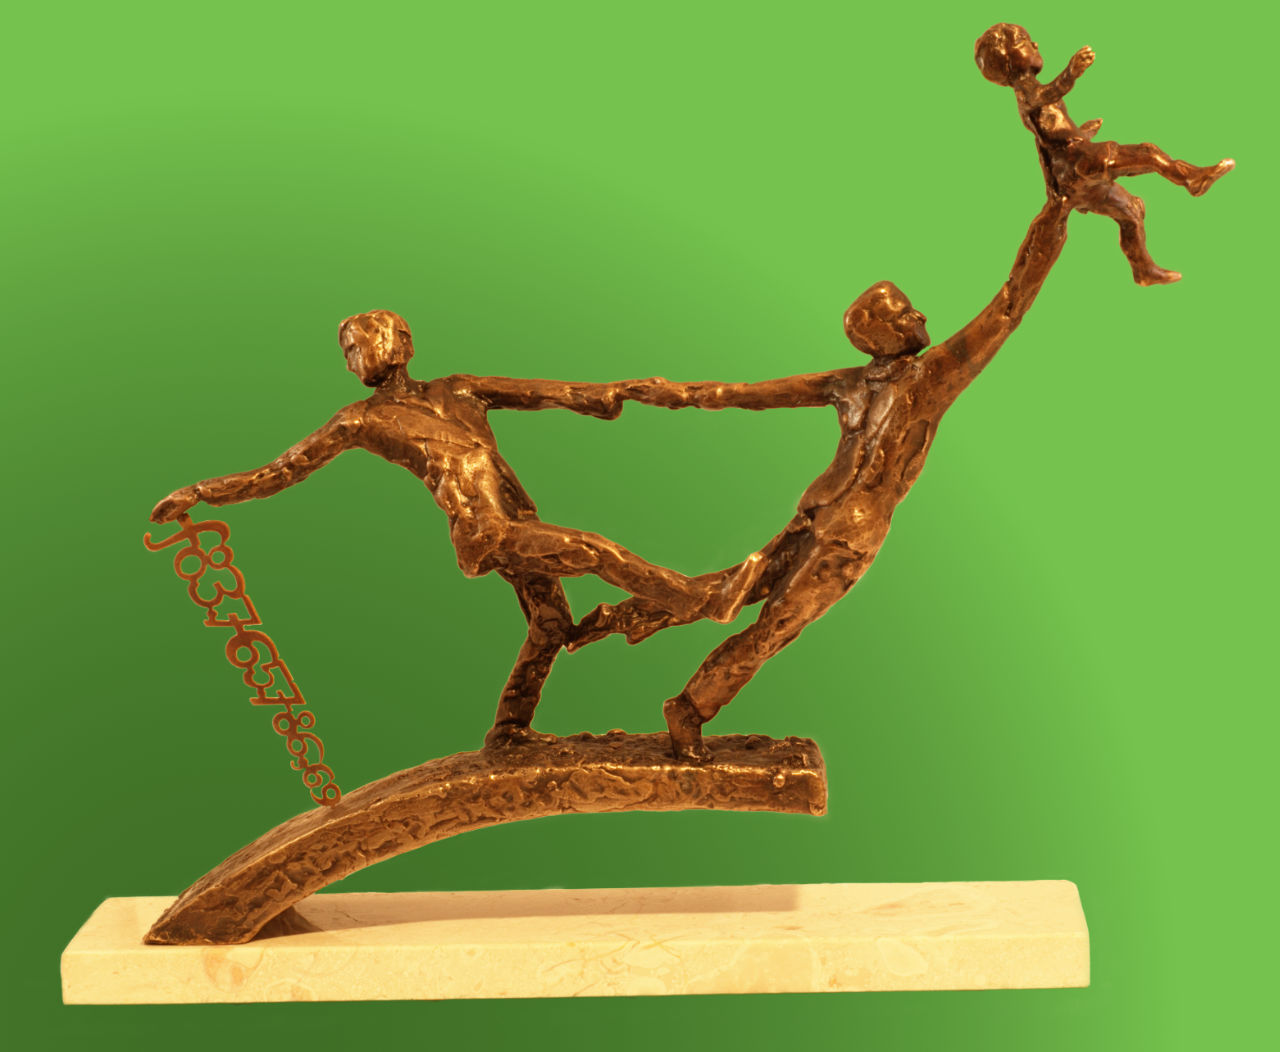 bronsplastiek twee mannen waarvan de ene een kind hooghoudt en de andere een geldbedrag vasthoudt